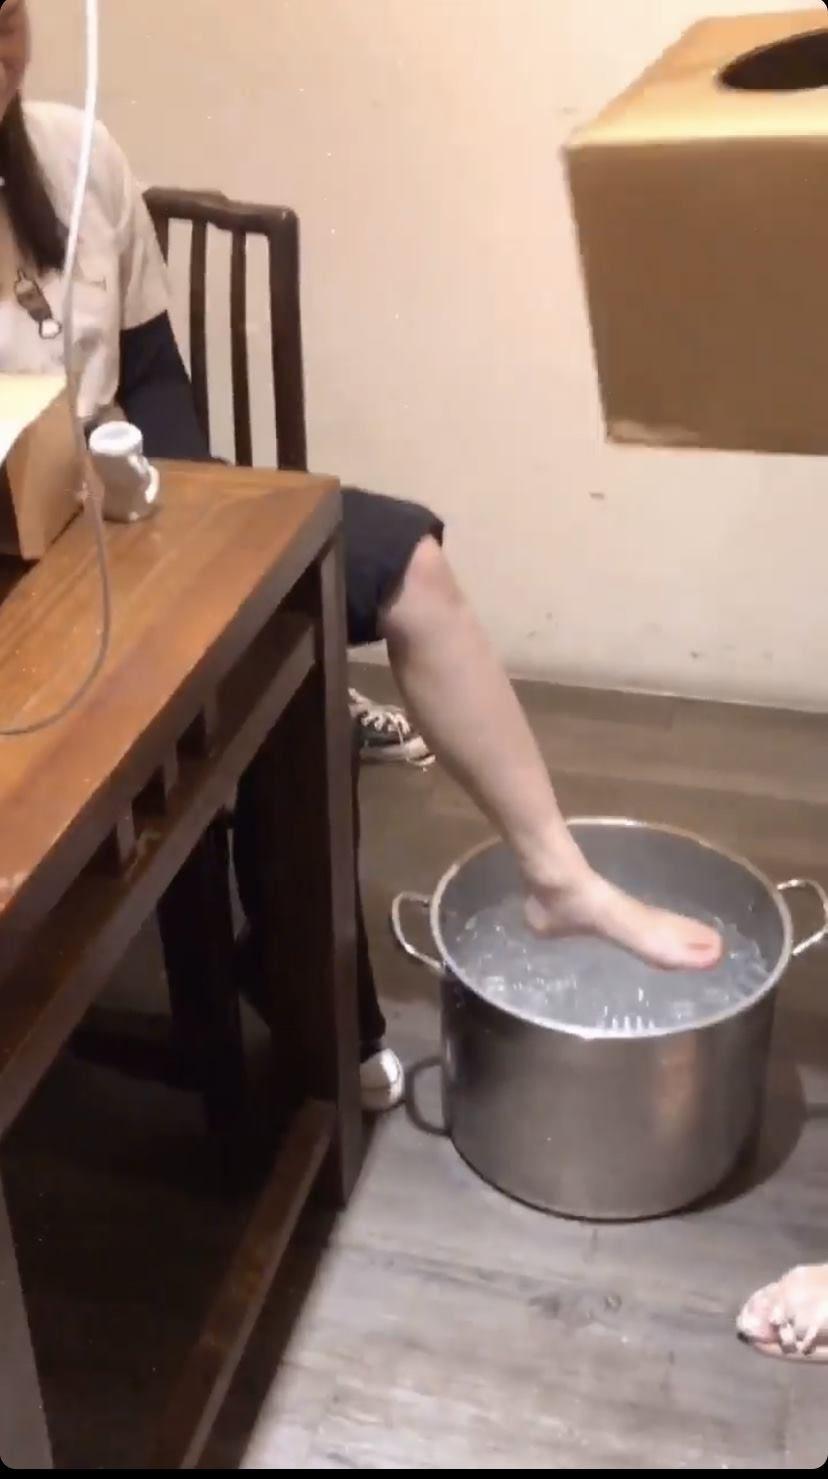 台灣連鎖餐飲員工「拿湯鍋泡腳」 春水堂出面了